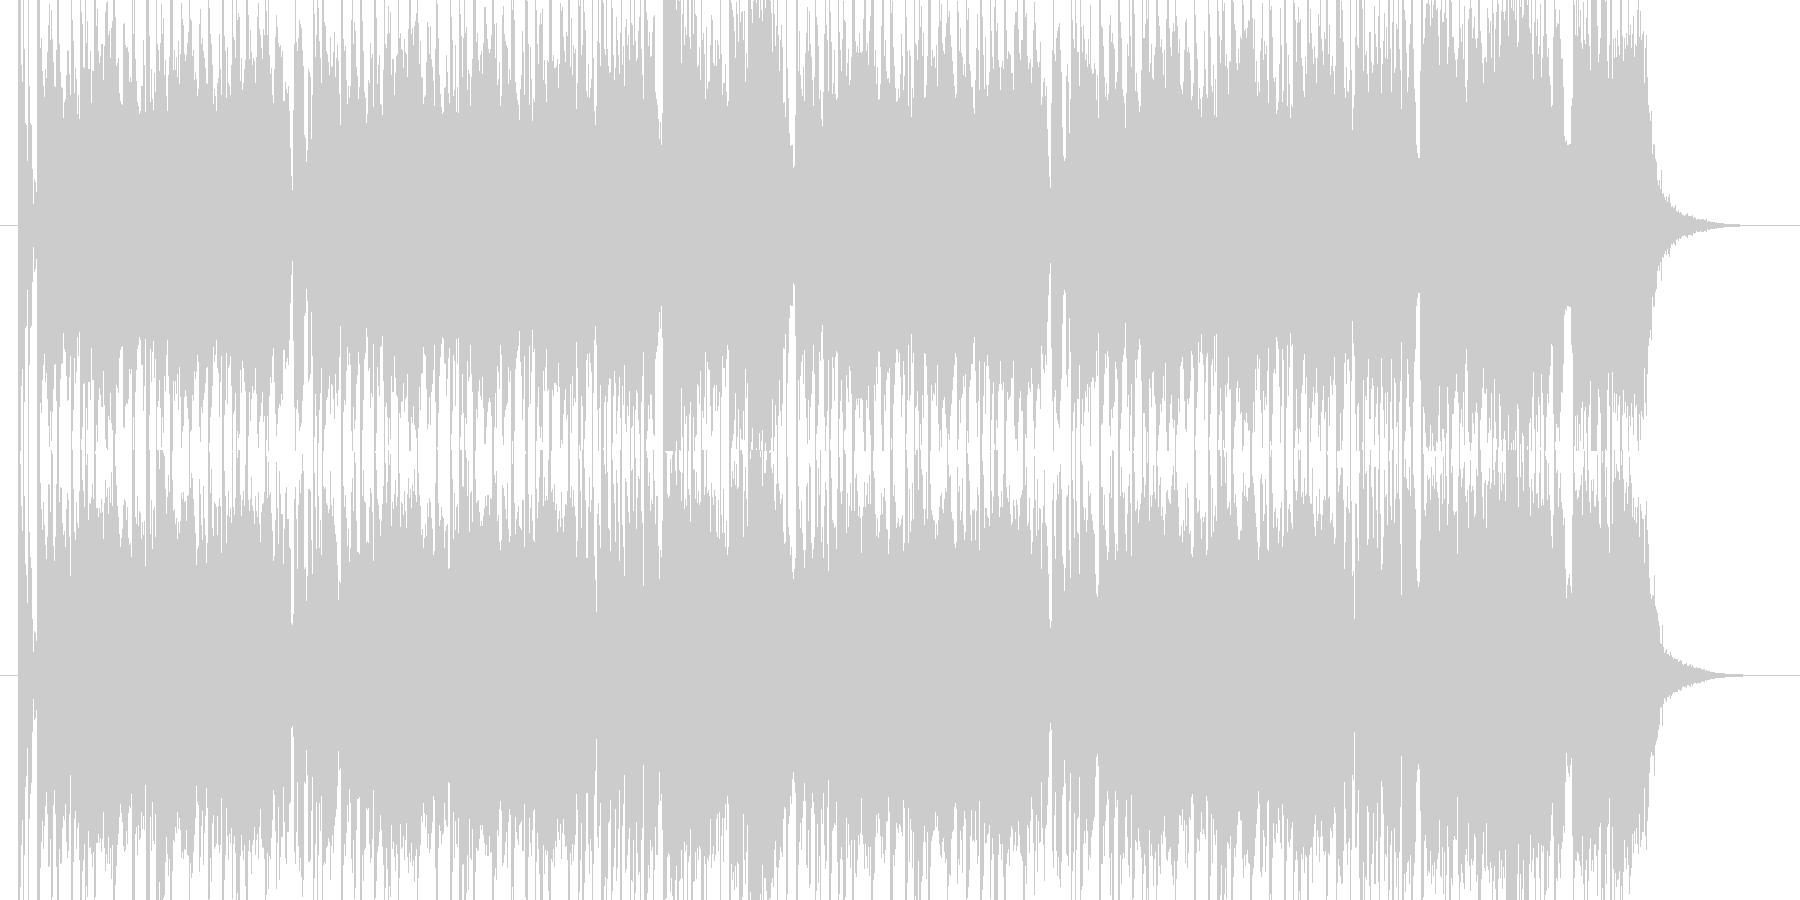 ワクワクするようなロックサウンドの未再生の波形